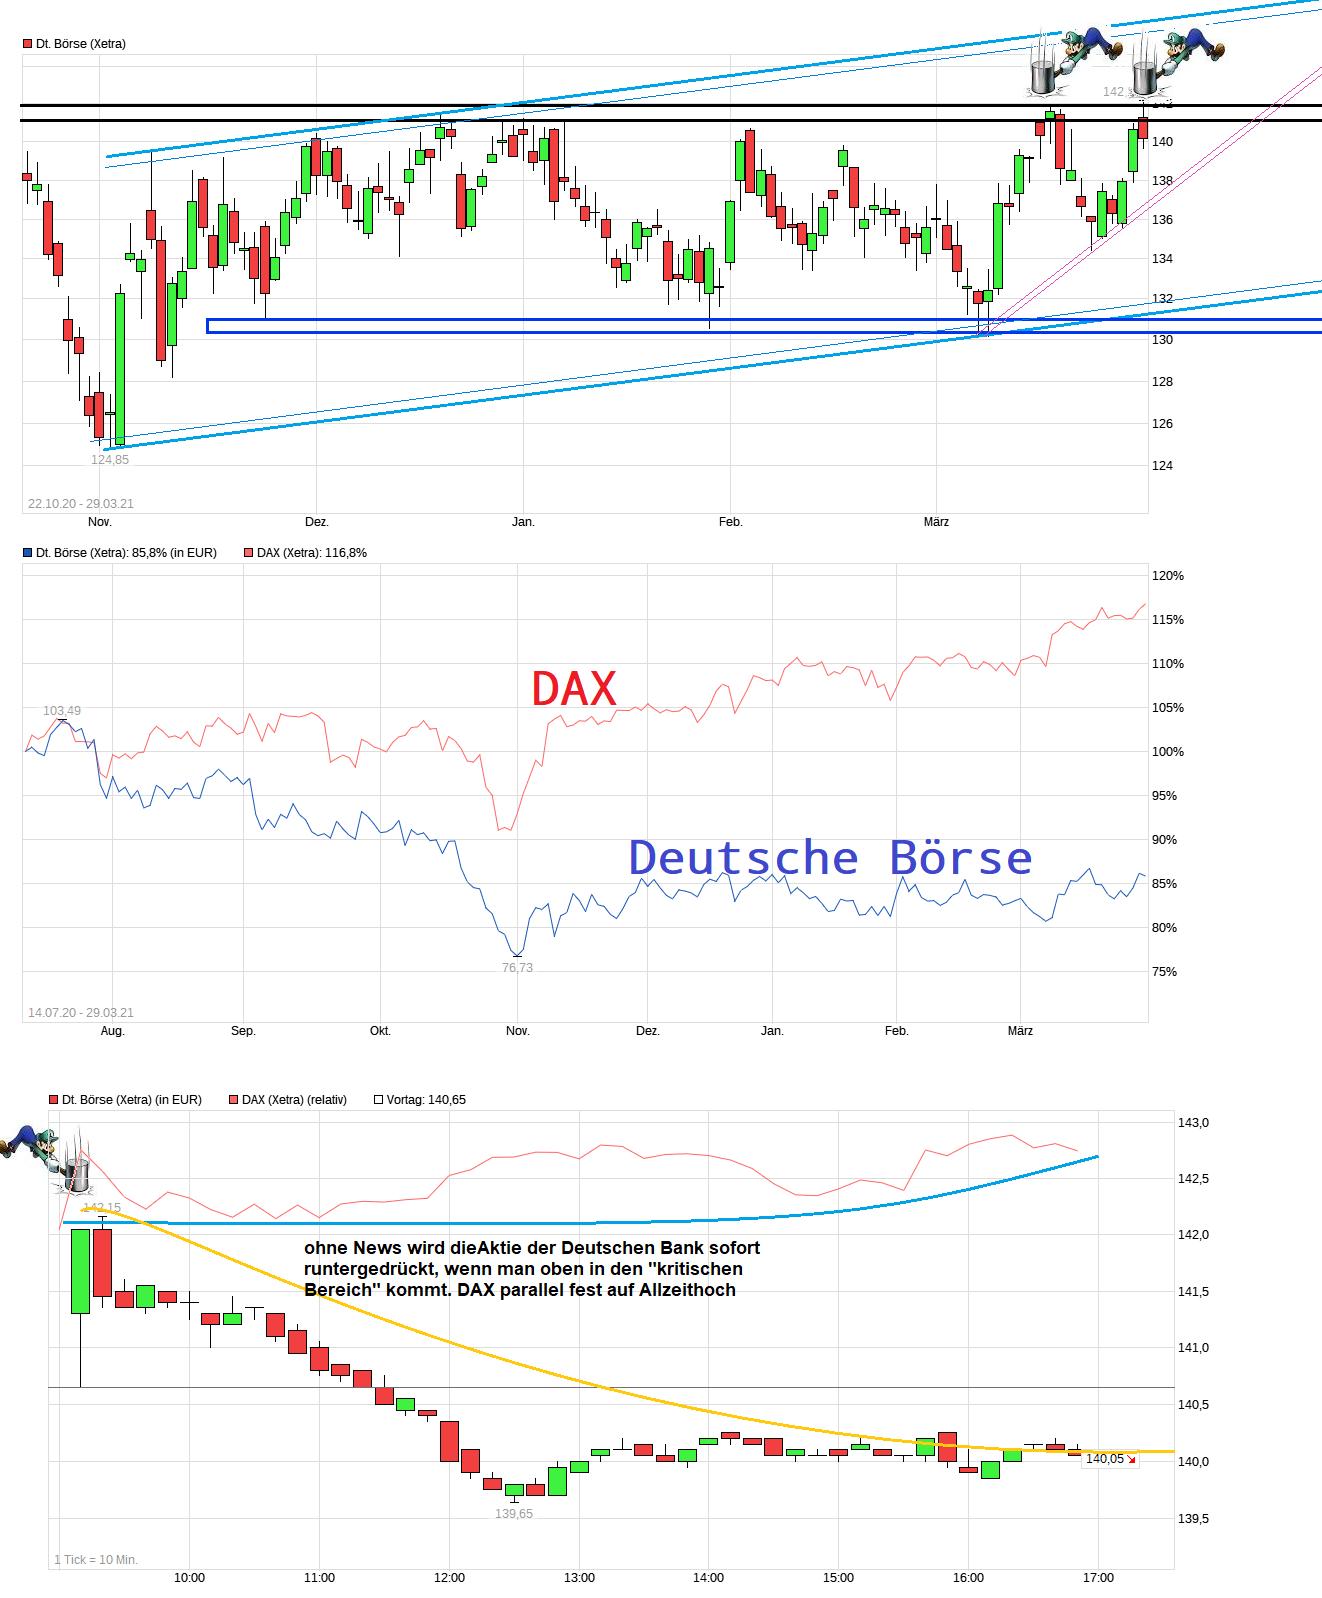 chart_free_deutscheb__rse.png